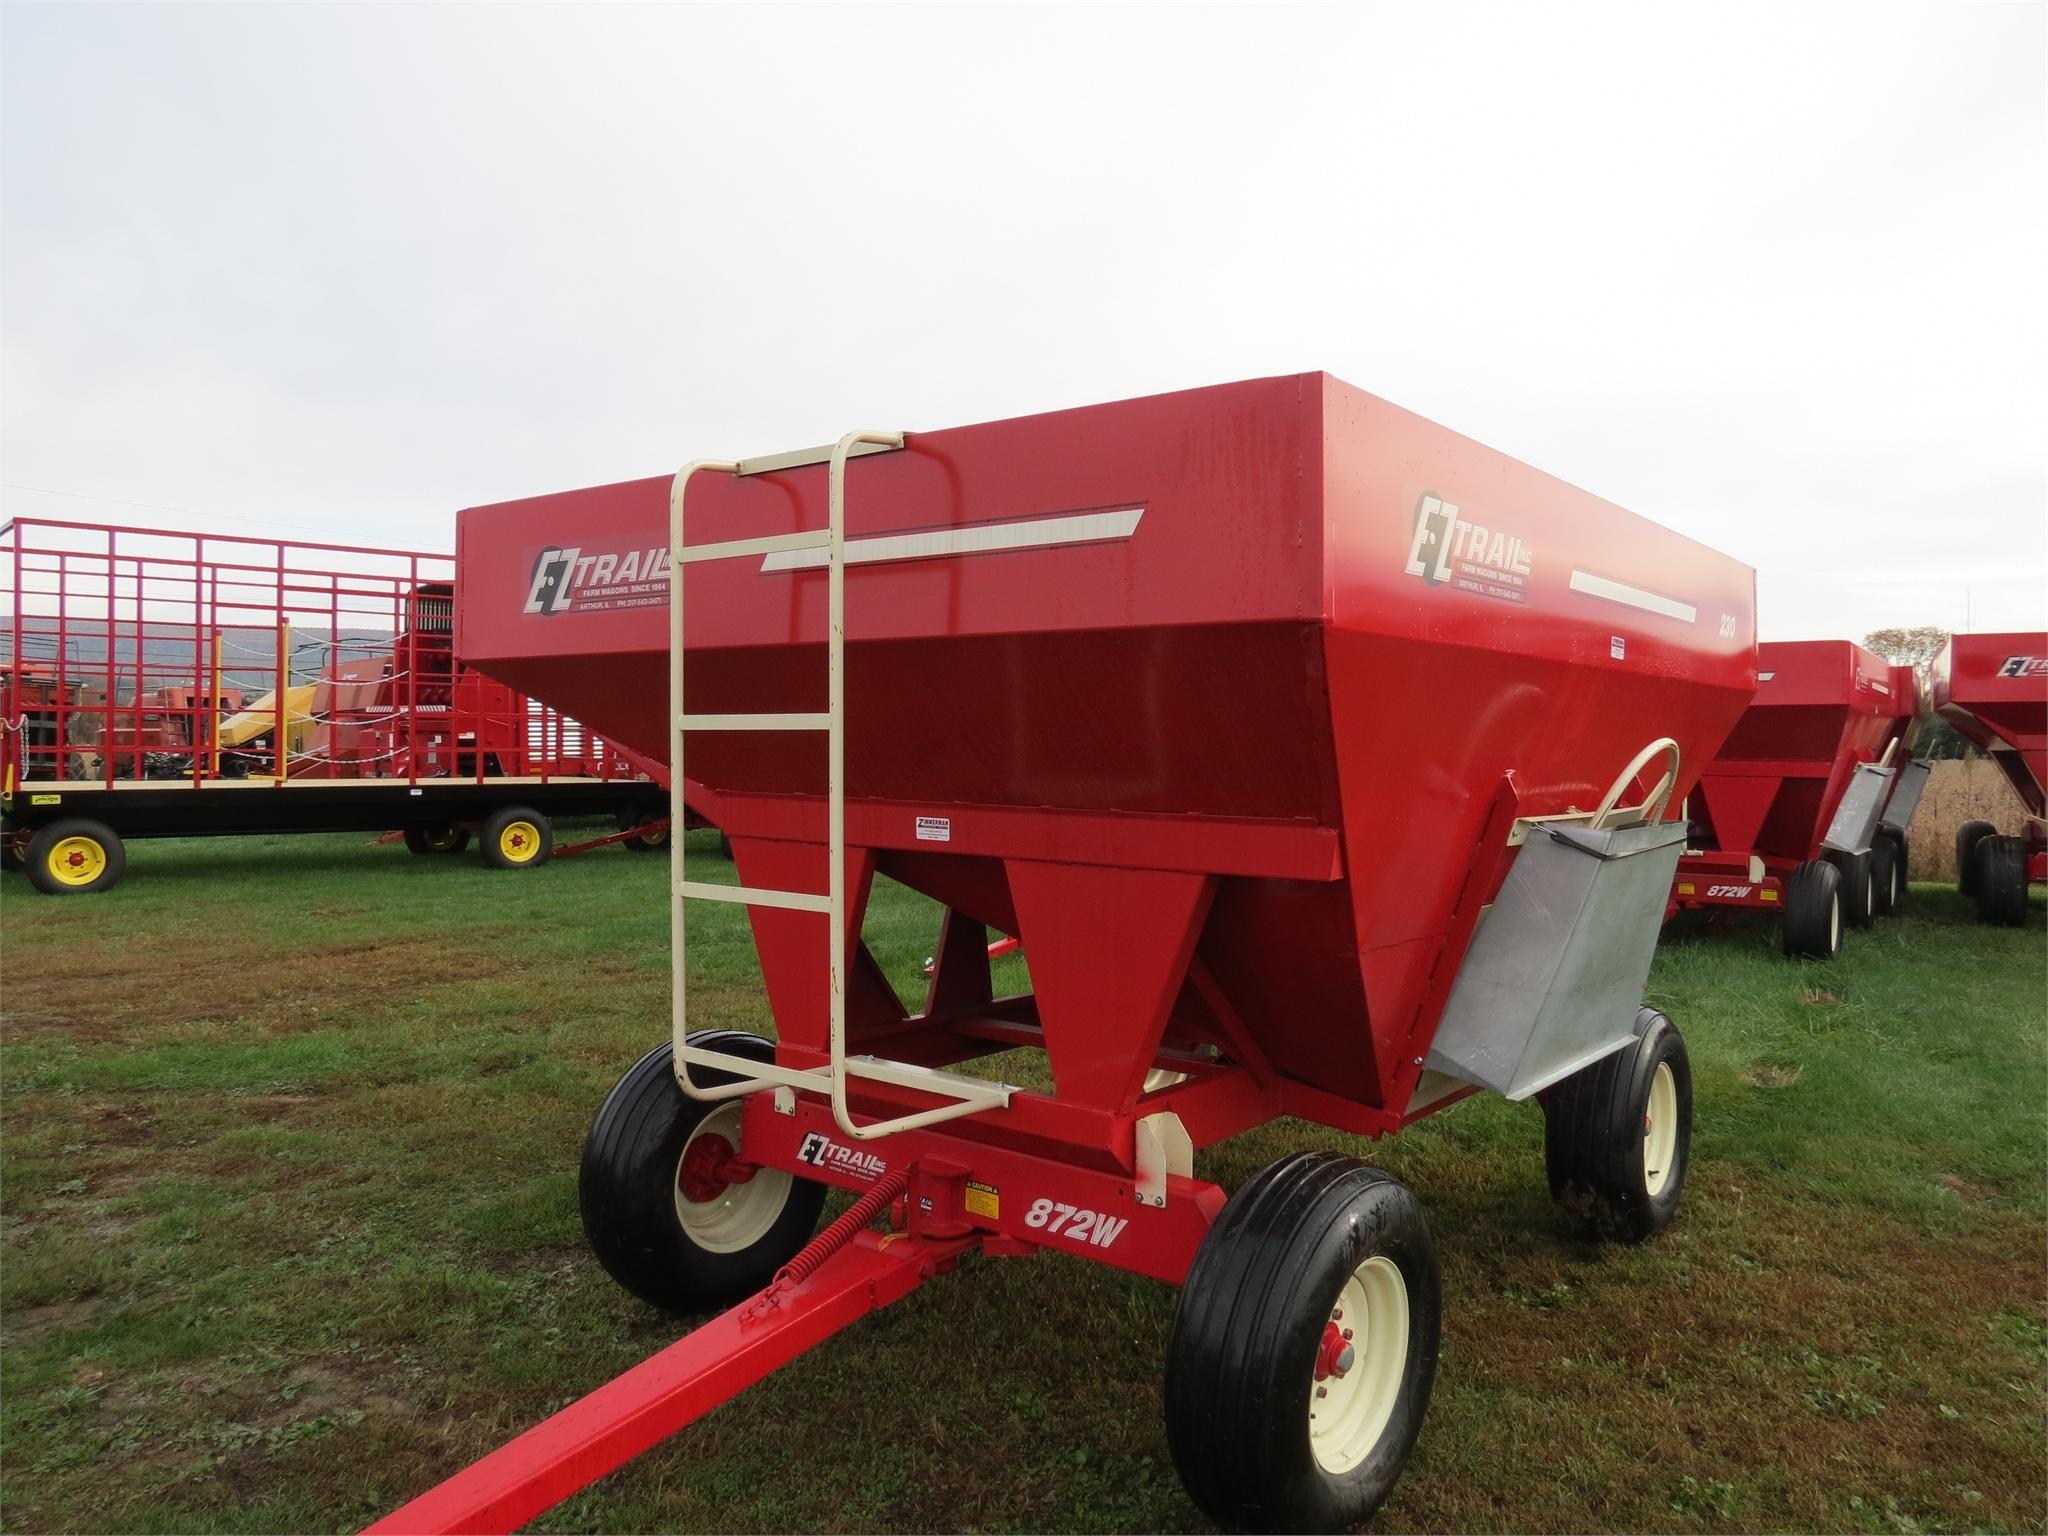 2020 E-Z Trail 230 Gravity Wagon